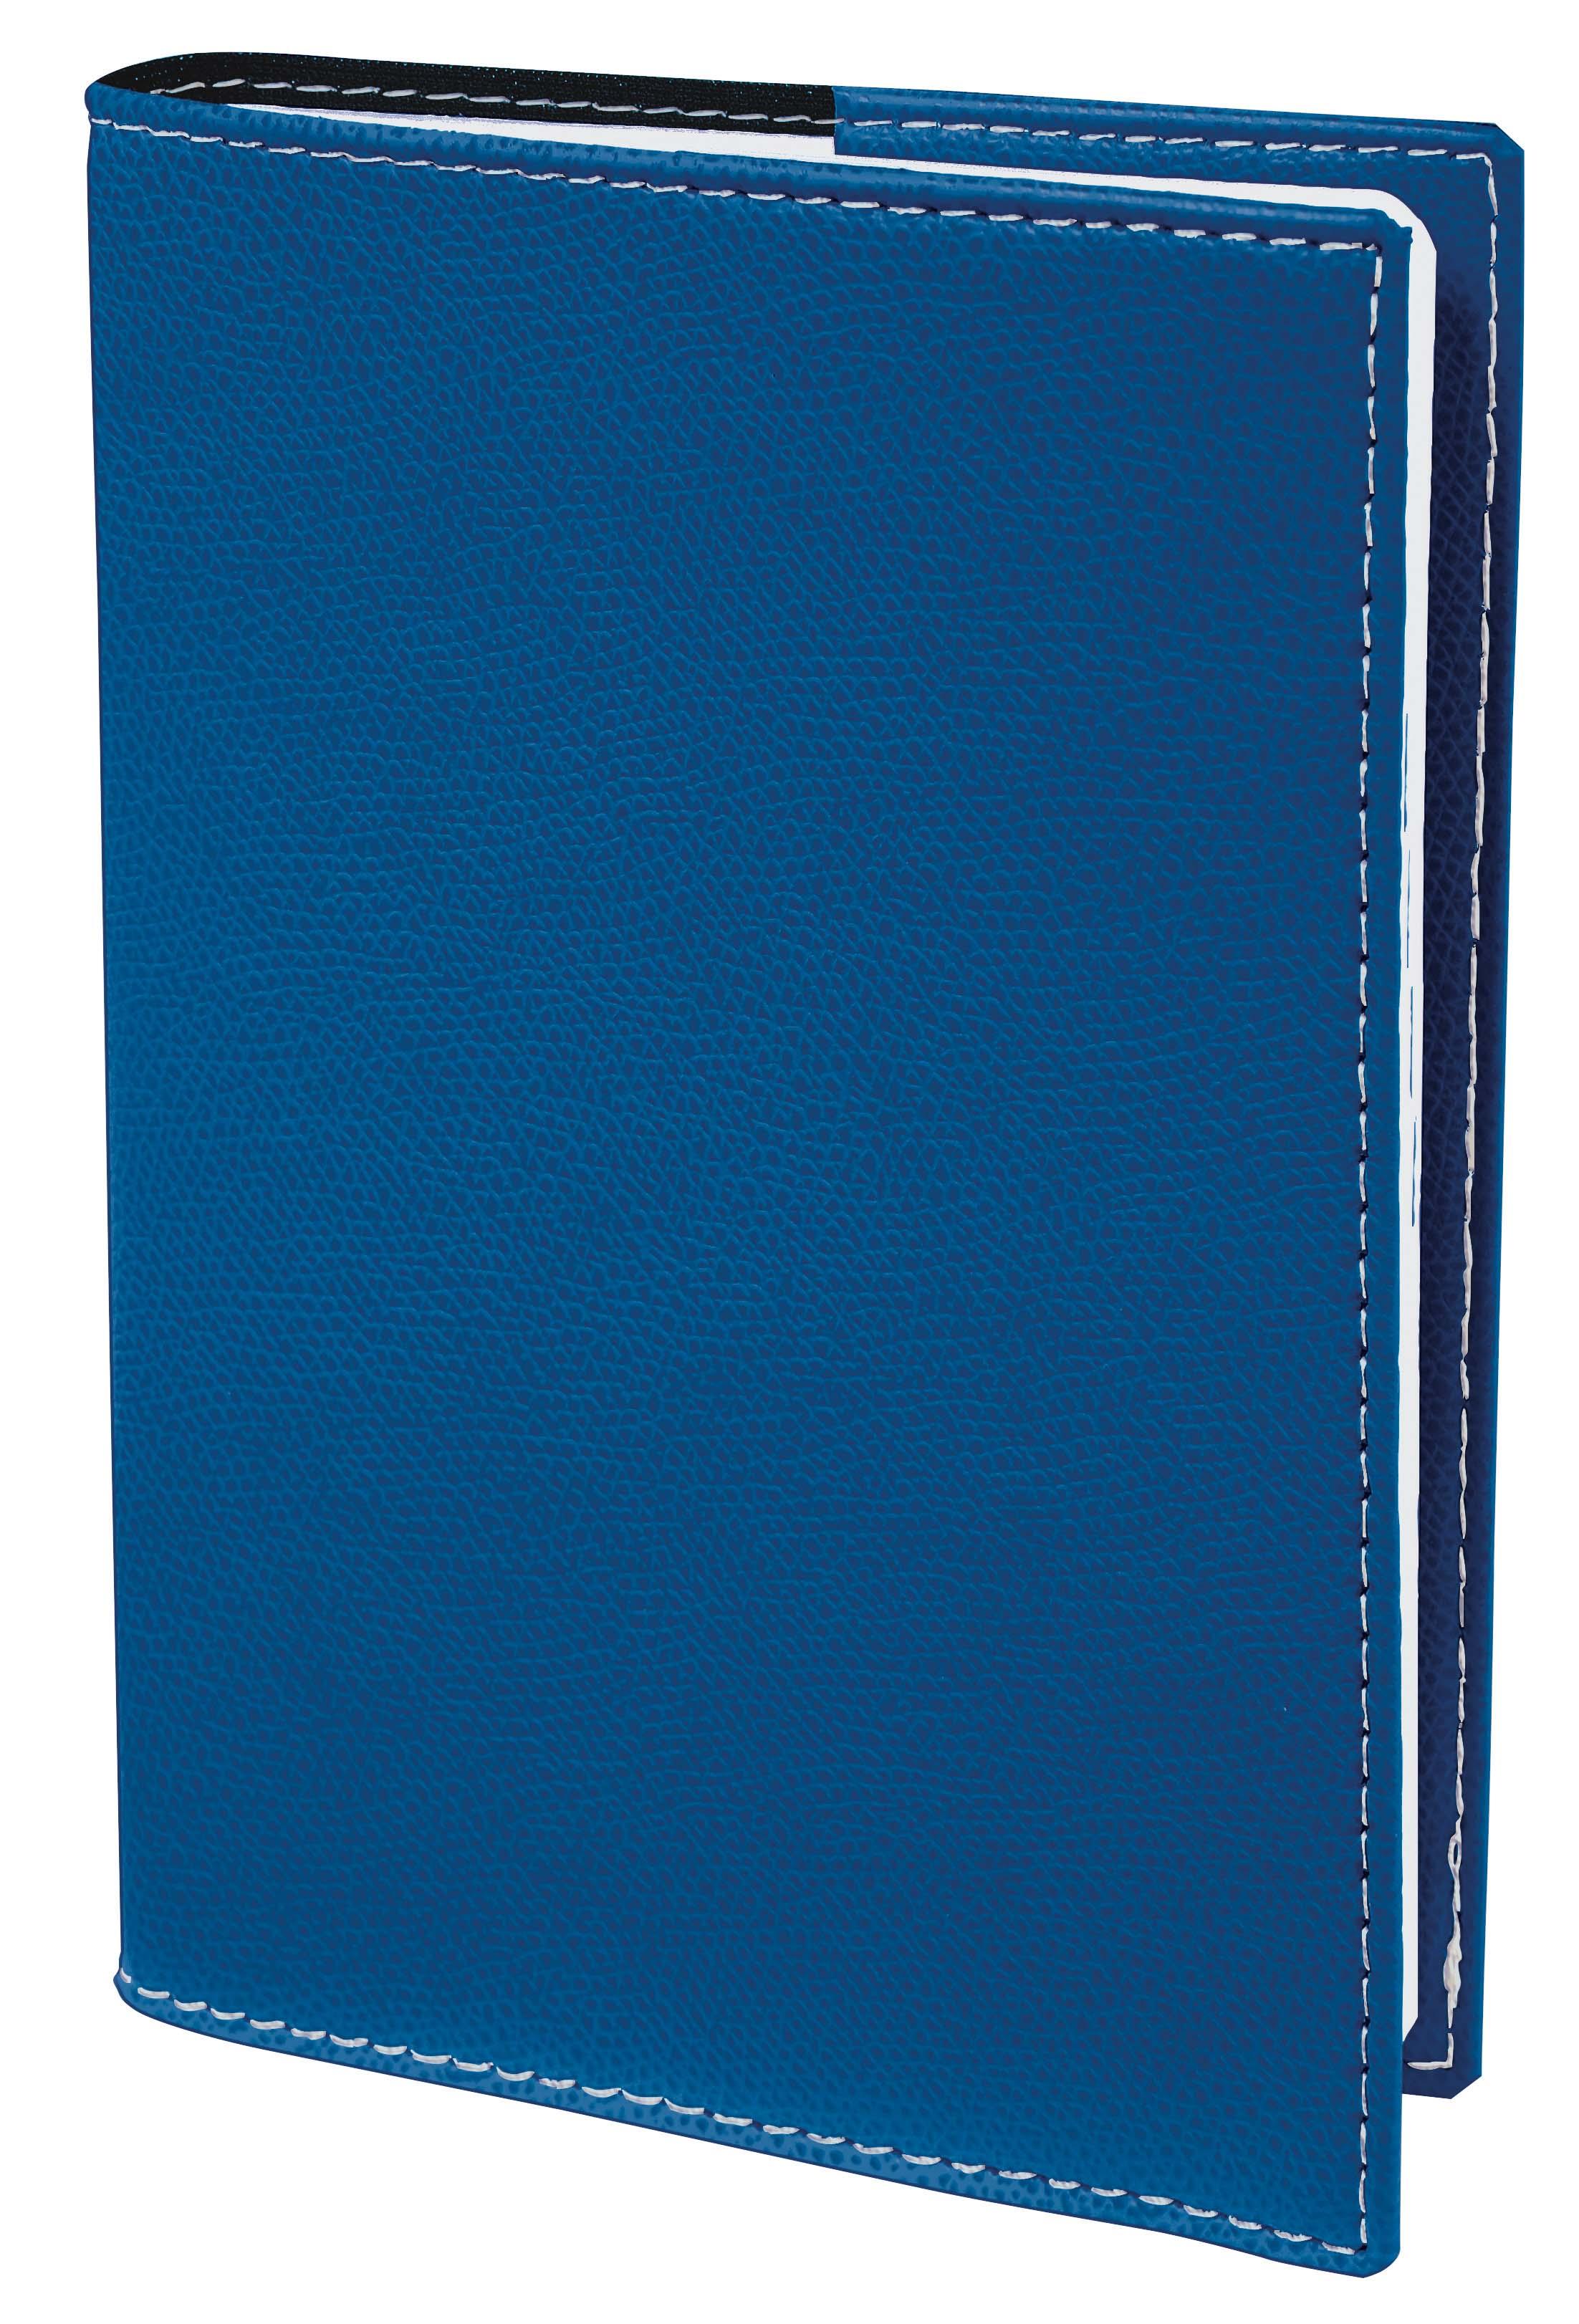 Agenda Club - 1 semaine sur 2 pages - 18 x 24 cm - bleu roi - Quo Vadis